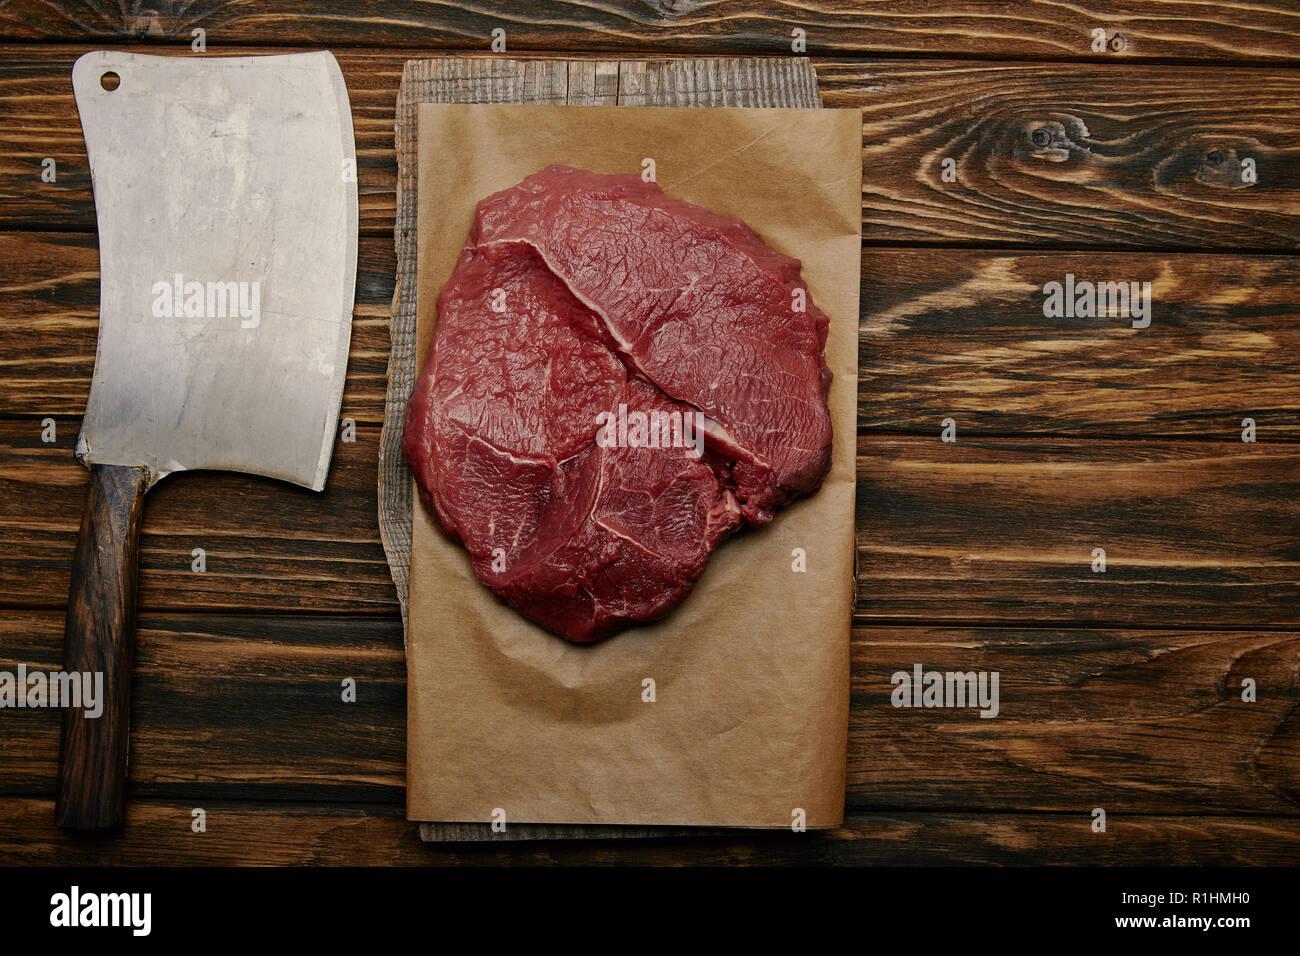 Vue de dessus de la viande crue sur du papier sulfurisé avec couteau de boucher sur fond de bois Photo Stock